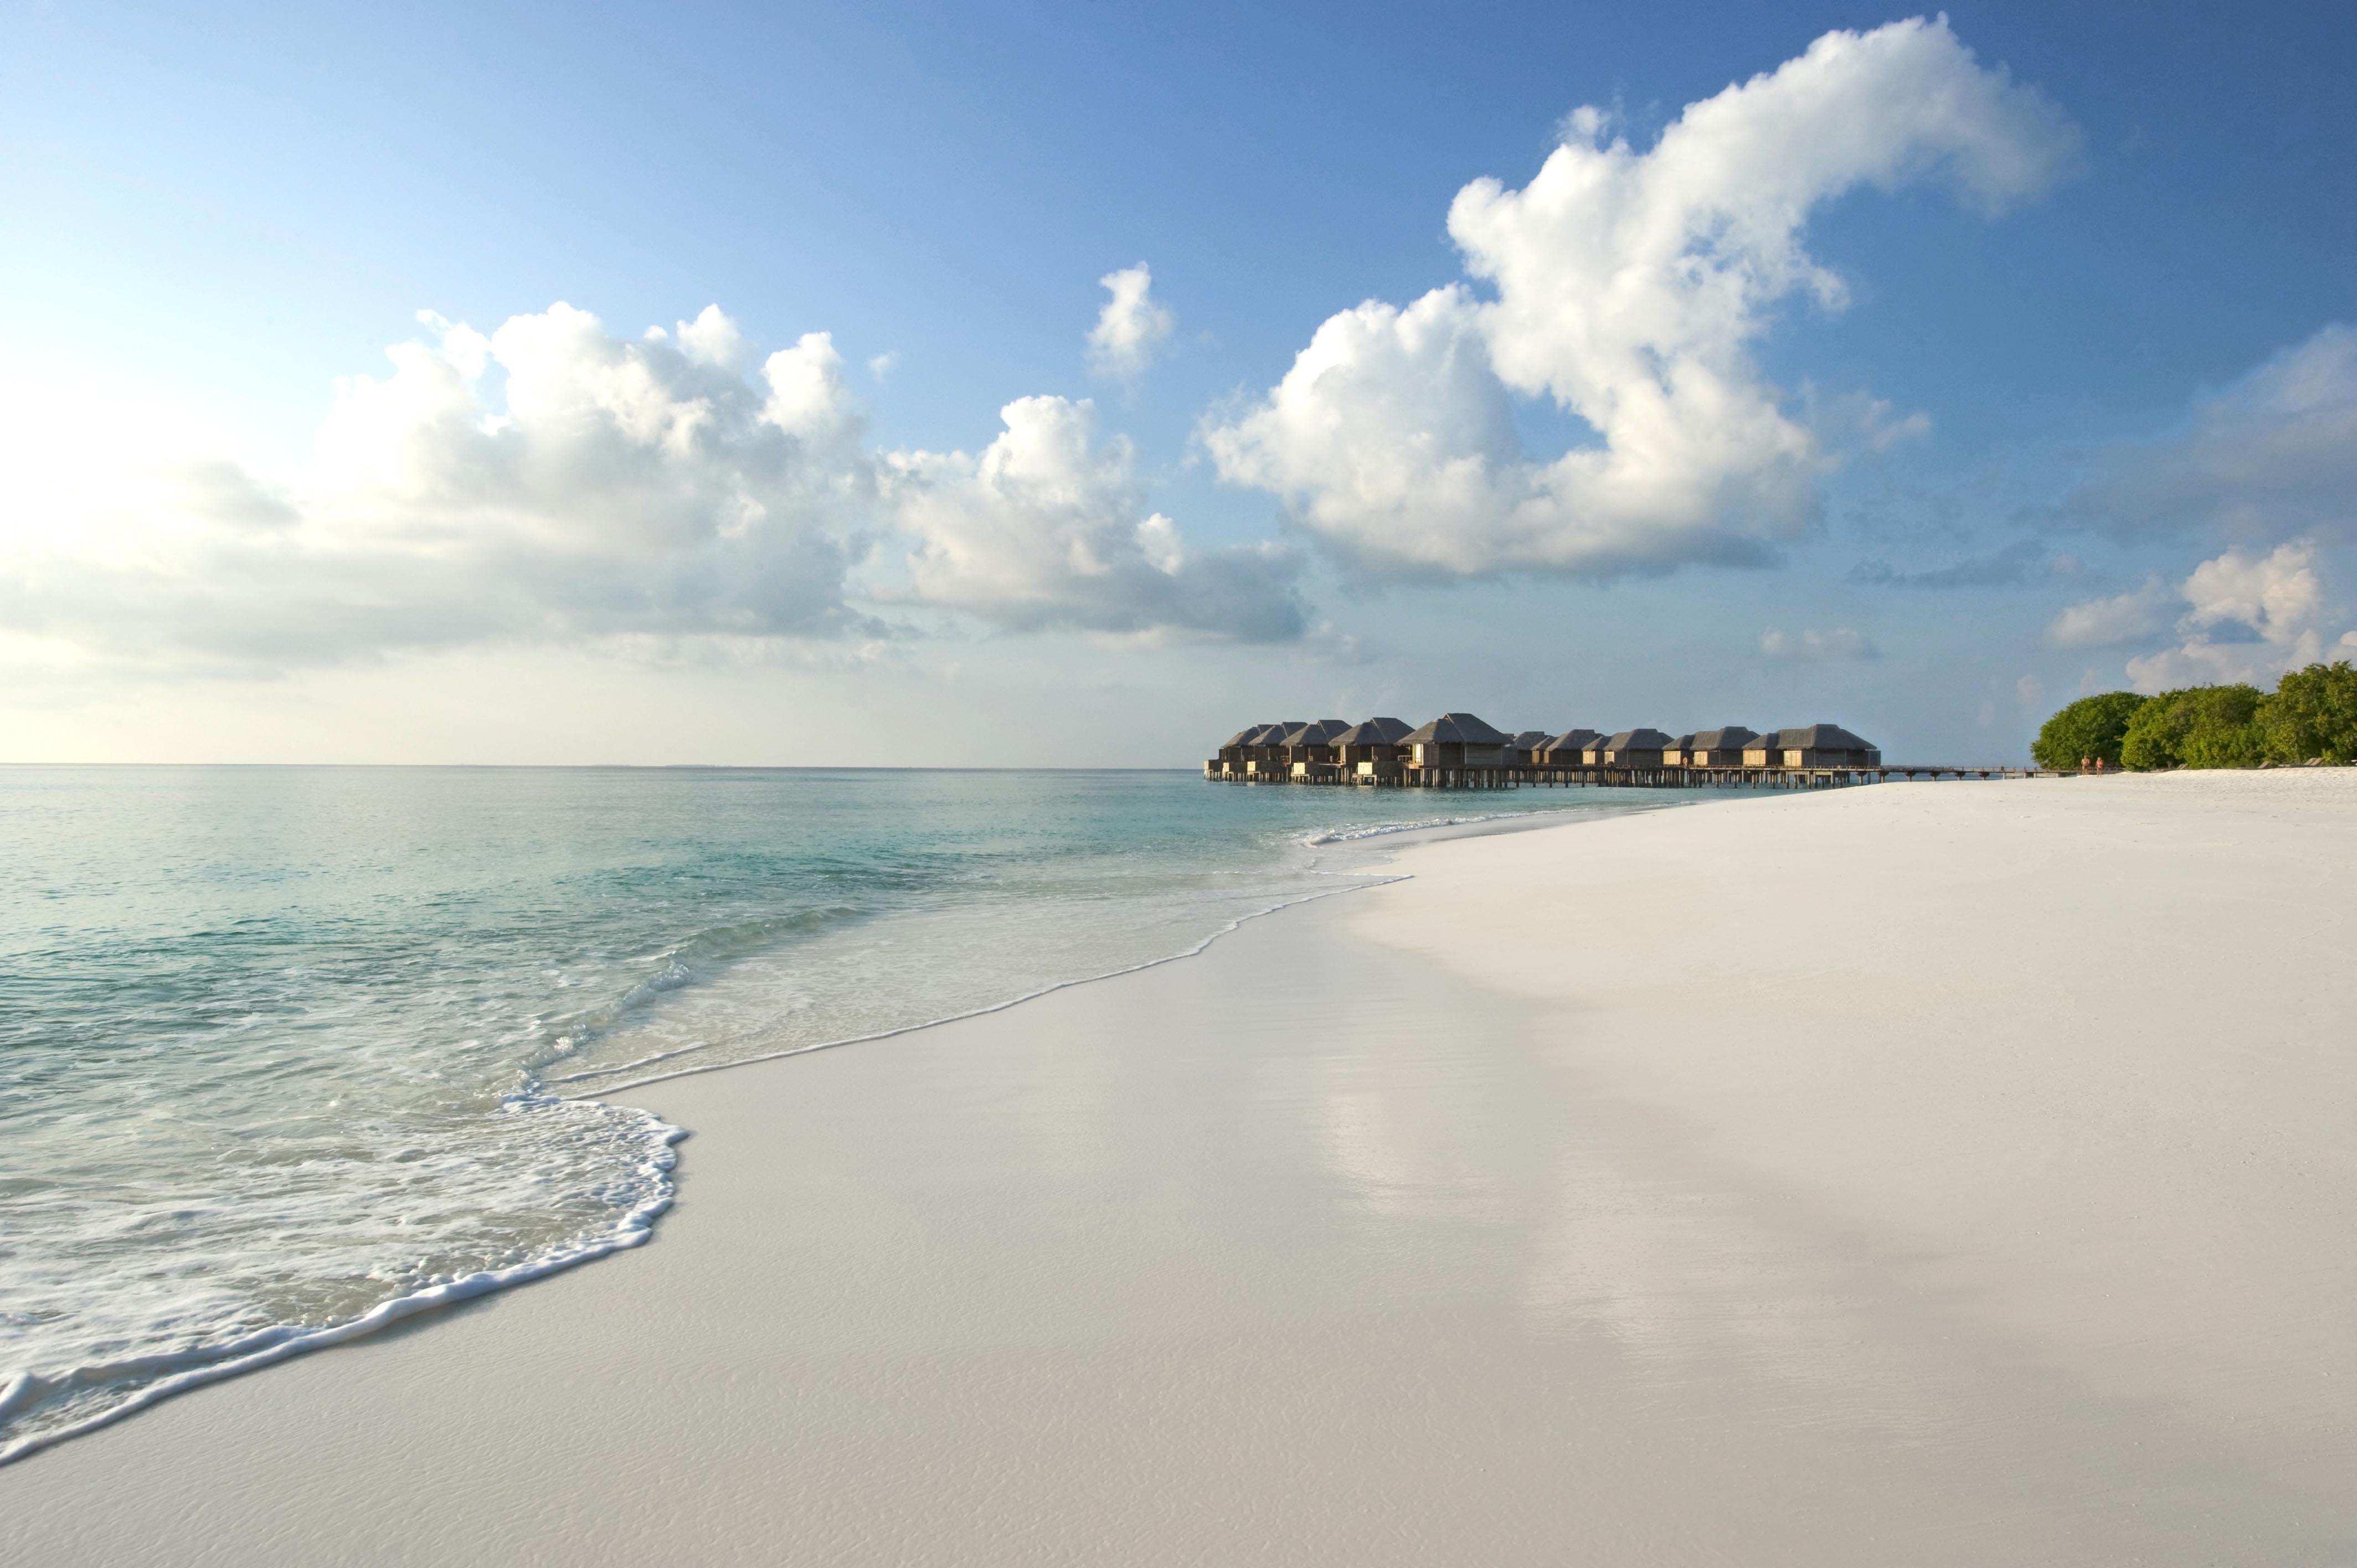 105552 Заставки и Обои Песок на телефон. Скачать Мальдивы, Море, Природа, Песок, Берег, Тропики картинки бесплатно